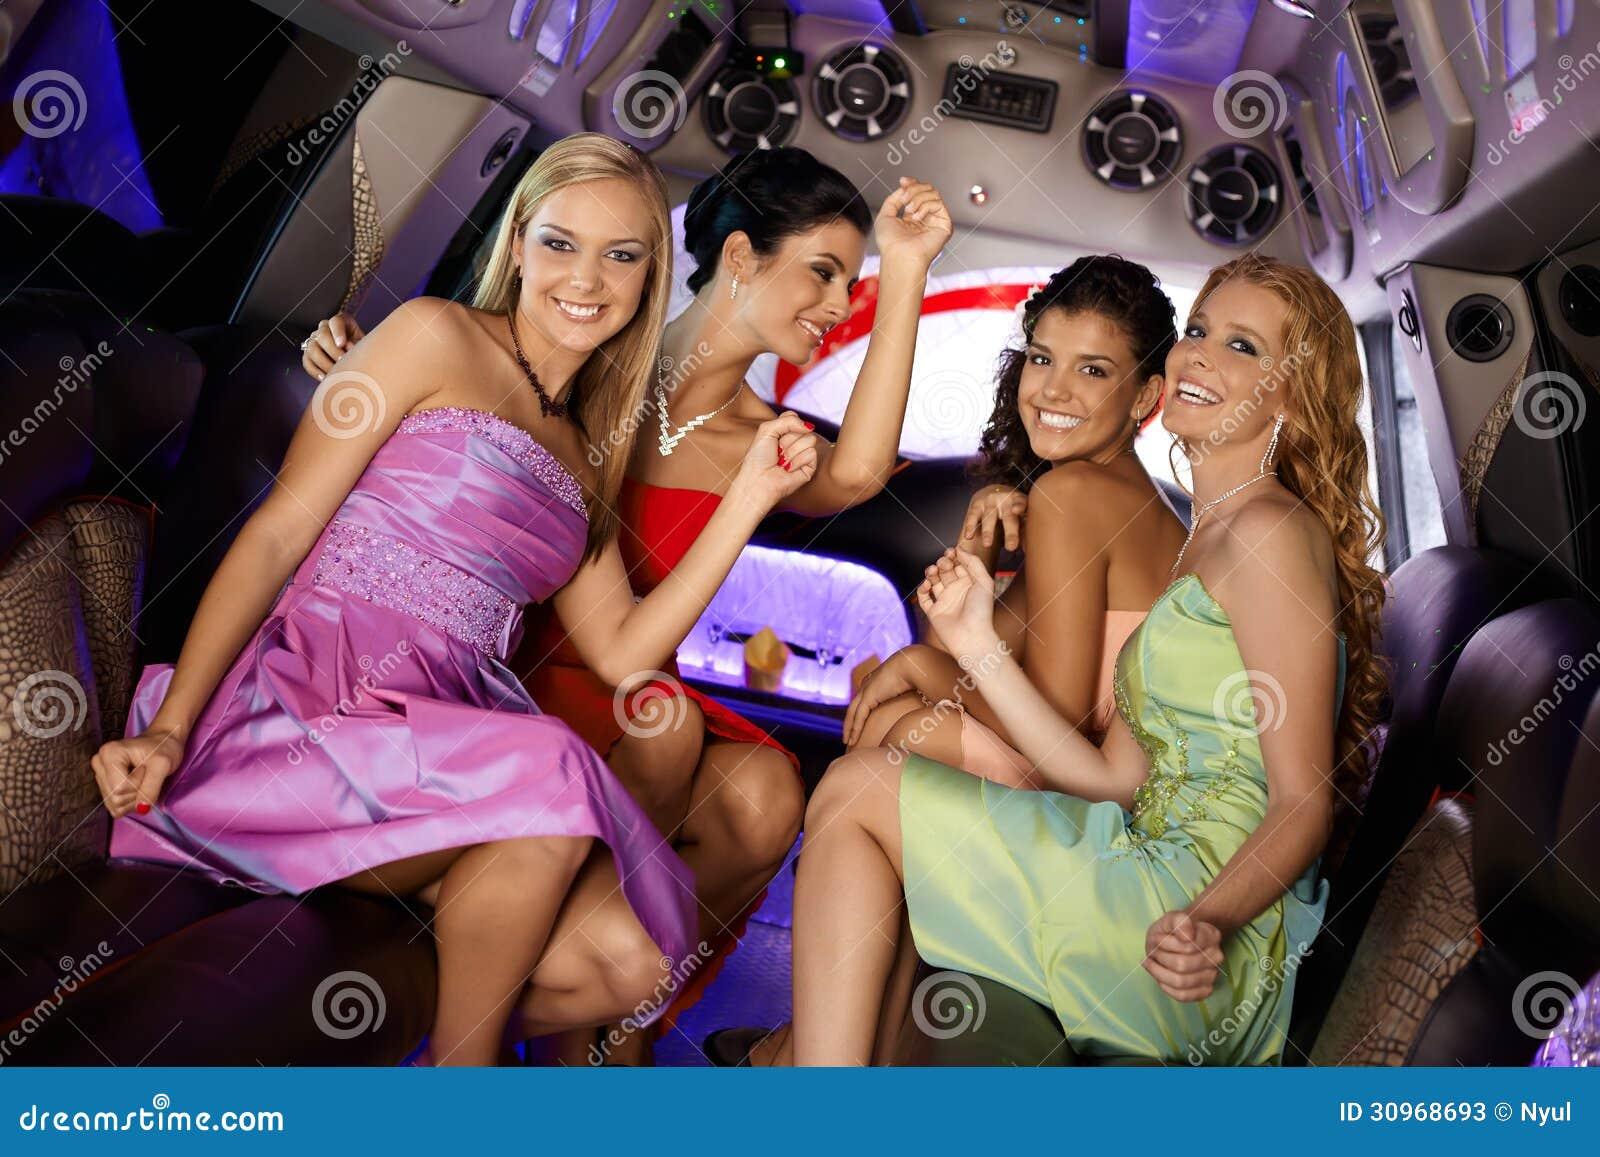 девушки лимузины трахаюца